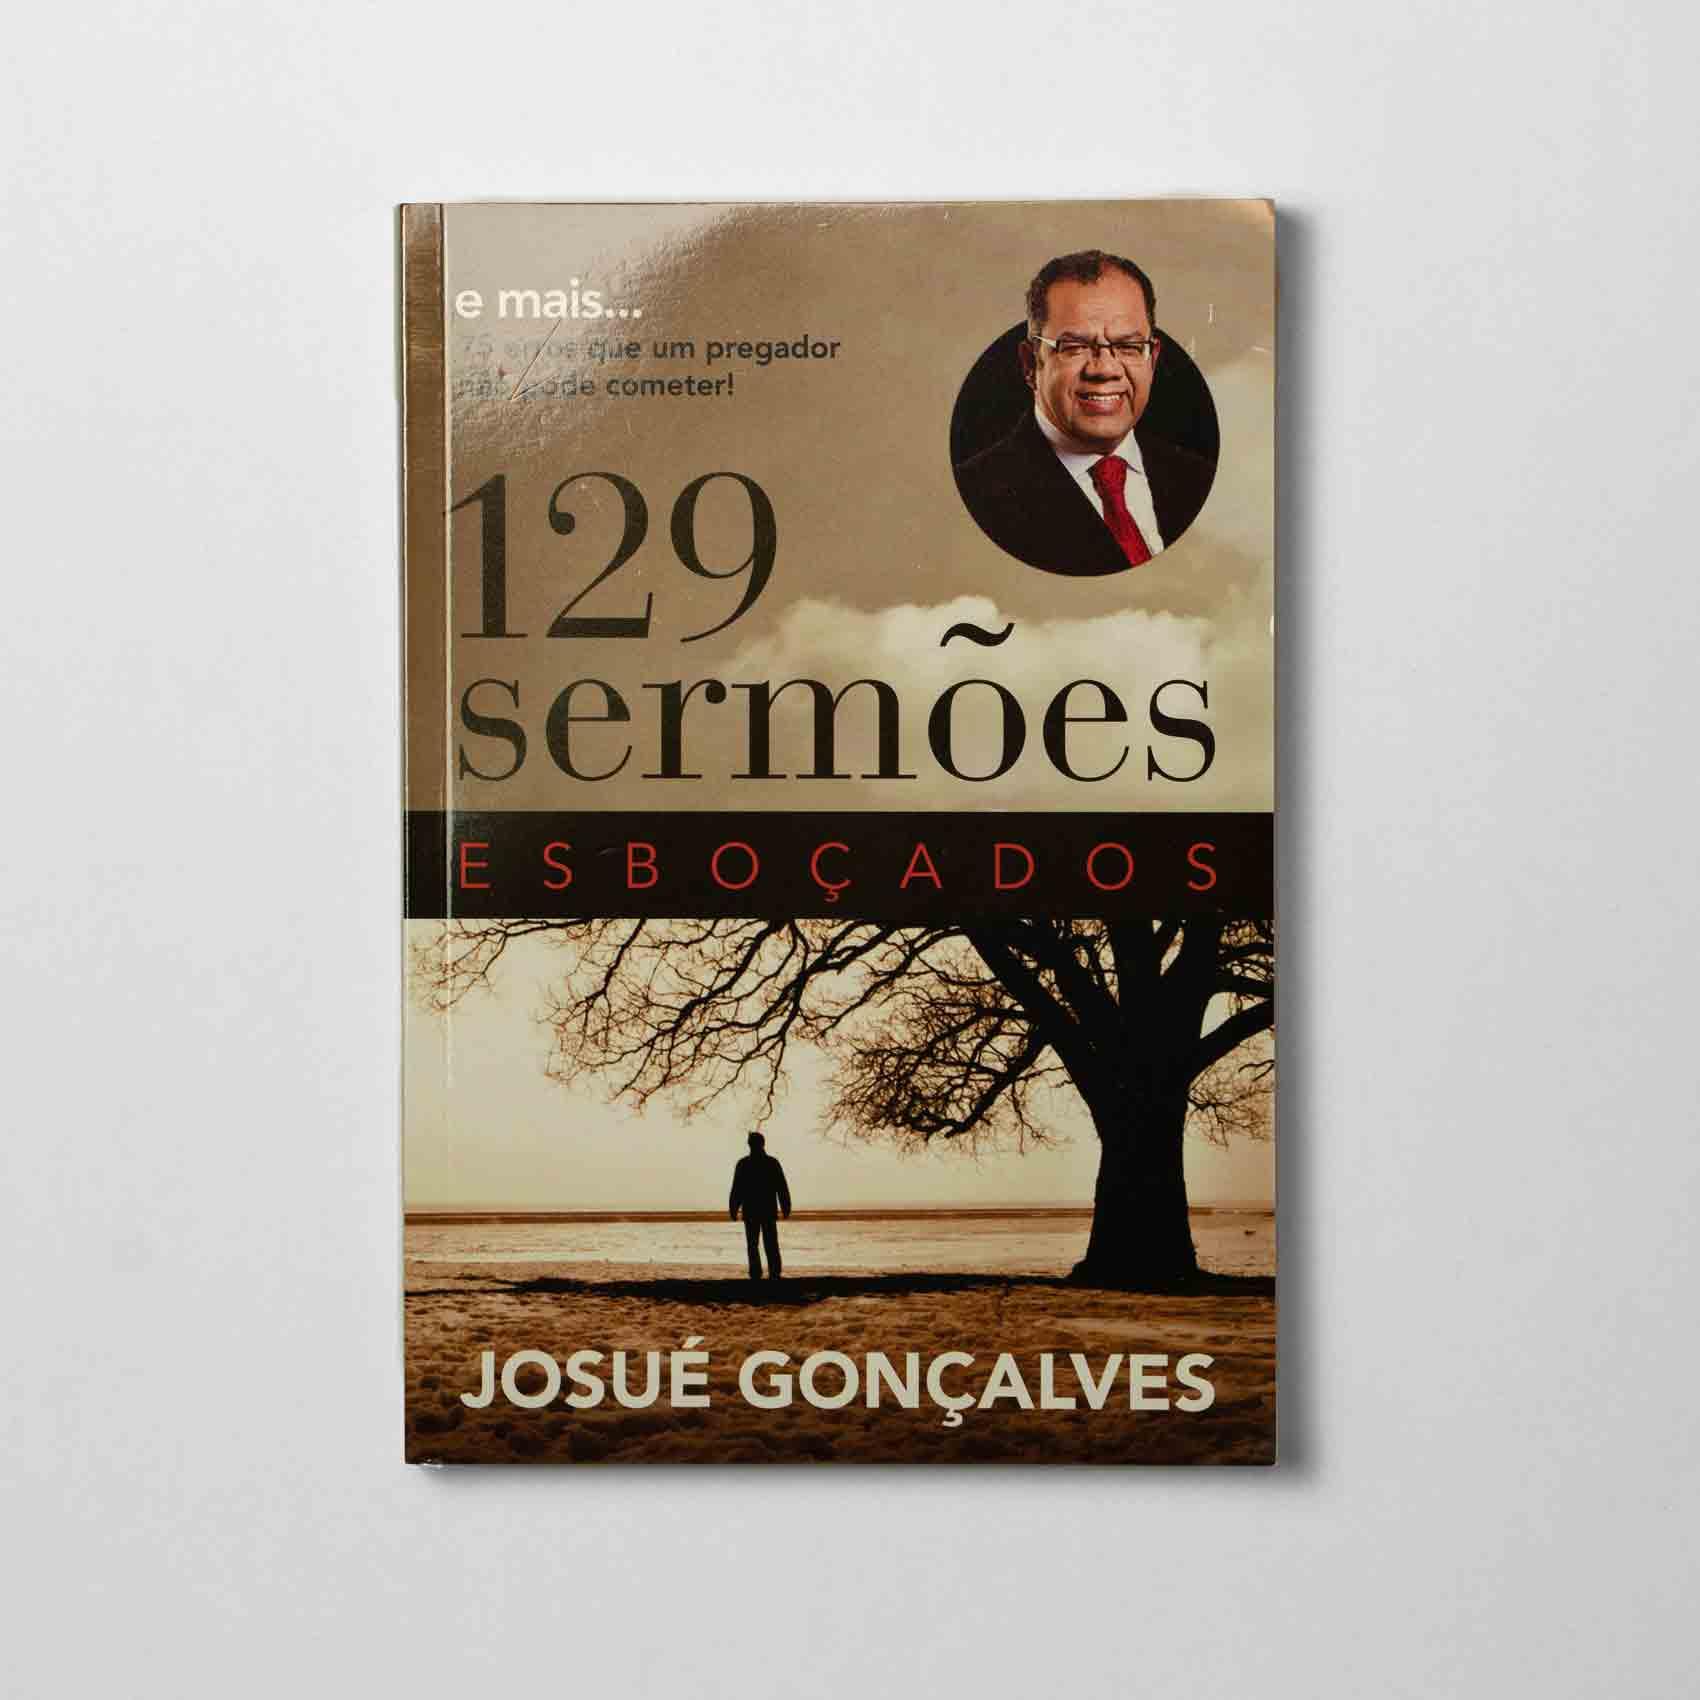 Livro - 129 sermões esboçados